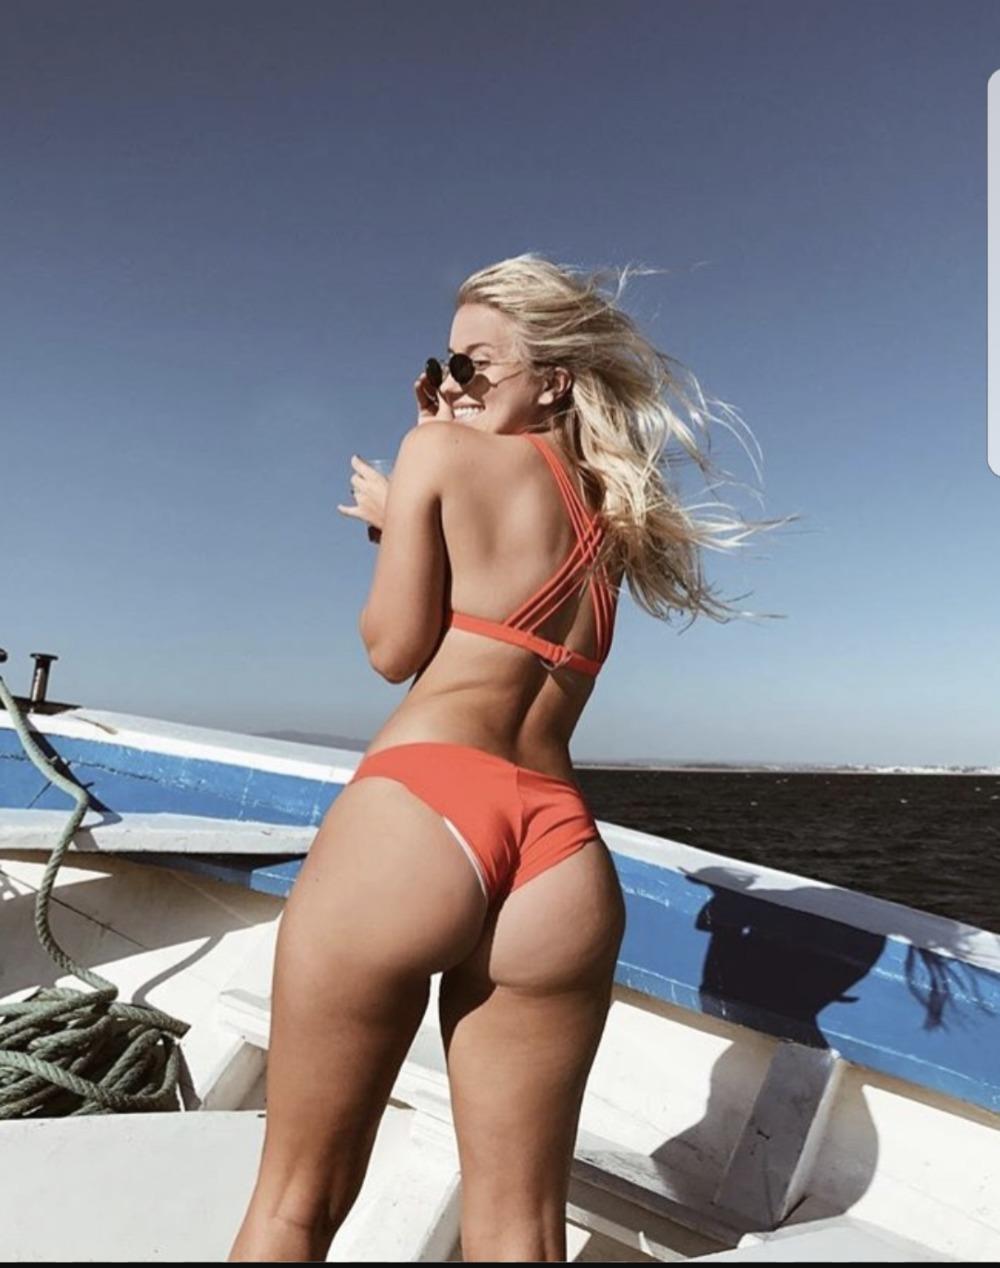 Taymoo ass